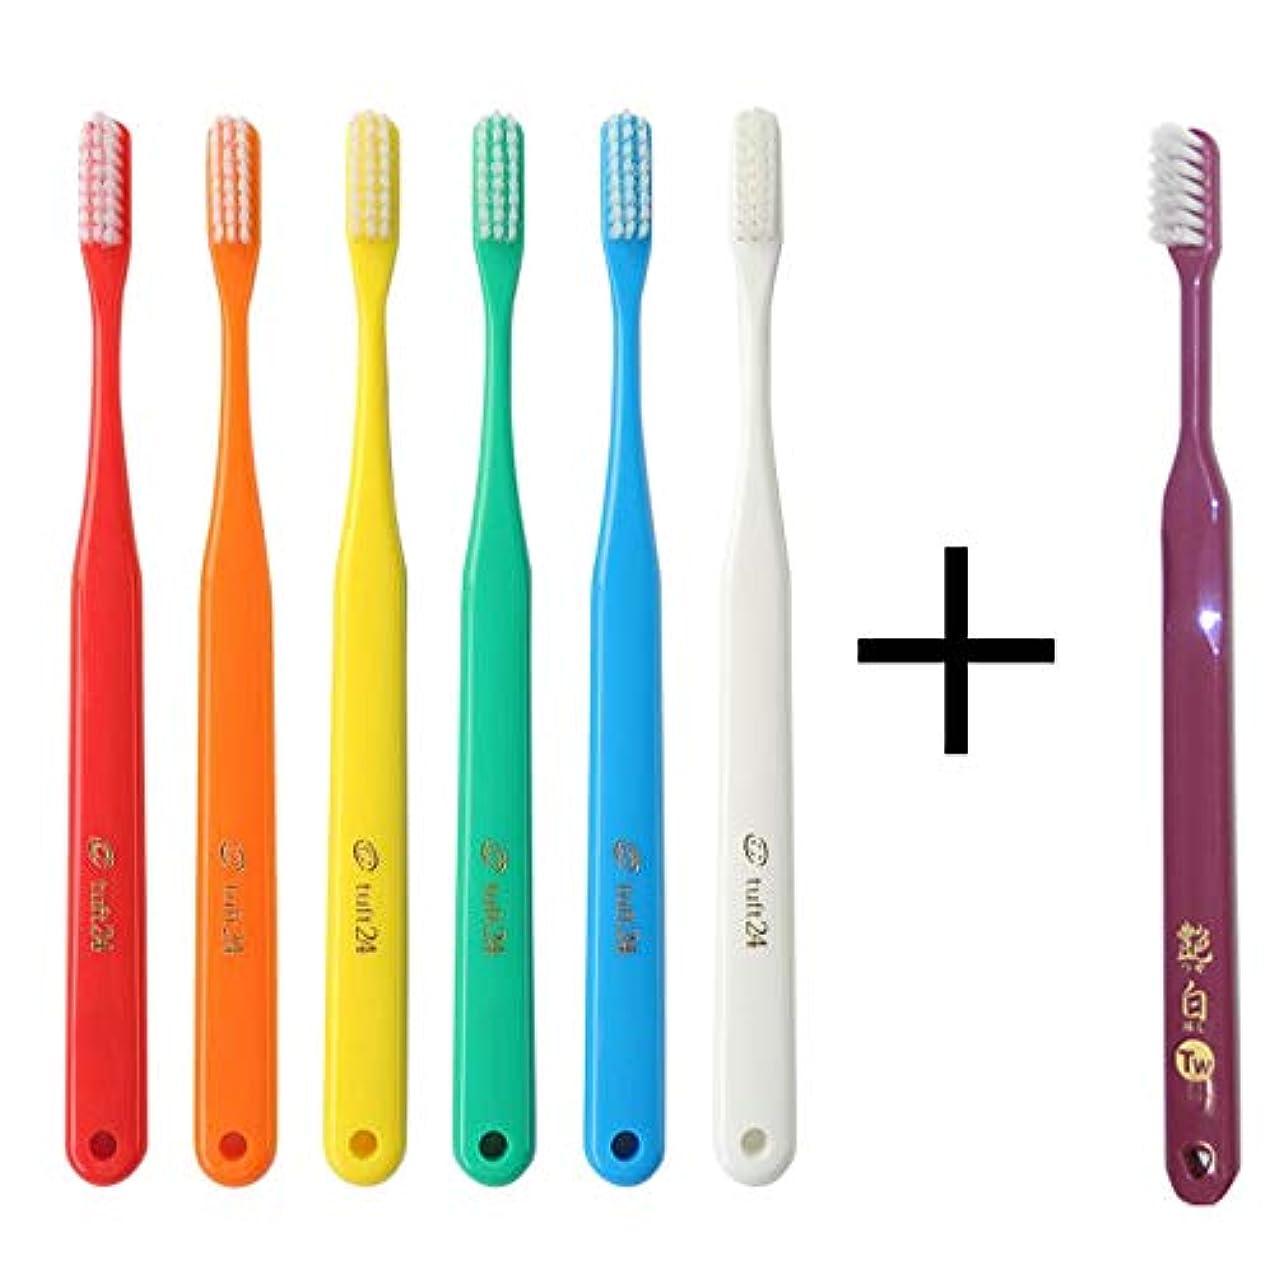 バラ色成熟した石のキャップなし タフト24 歯ブラシ × 25本入 S (アソート) + 艶白 歯ブラシ (日本製) ×1本 MS(やややわらかめ) 大人用歯ブラシ 歯科医院取扱品